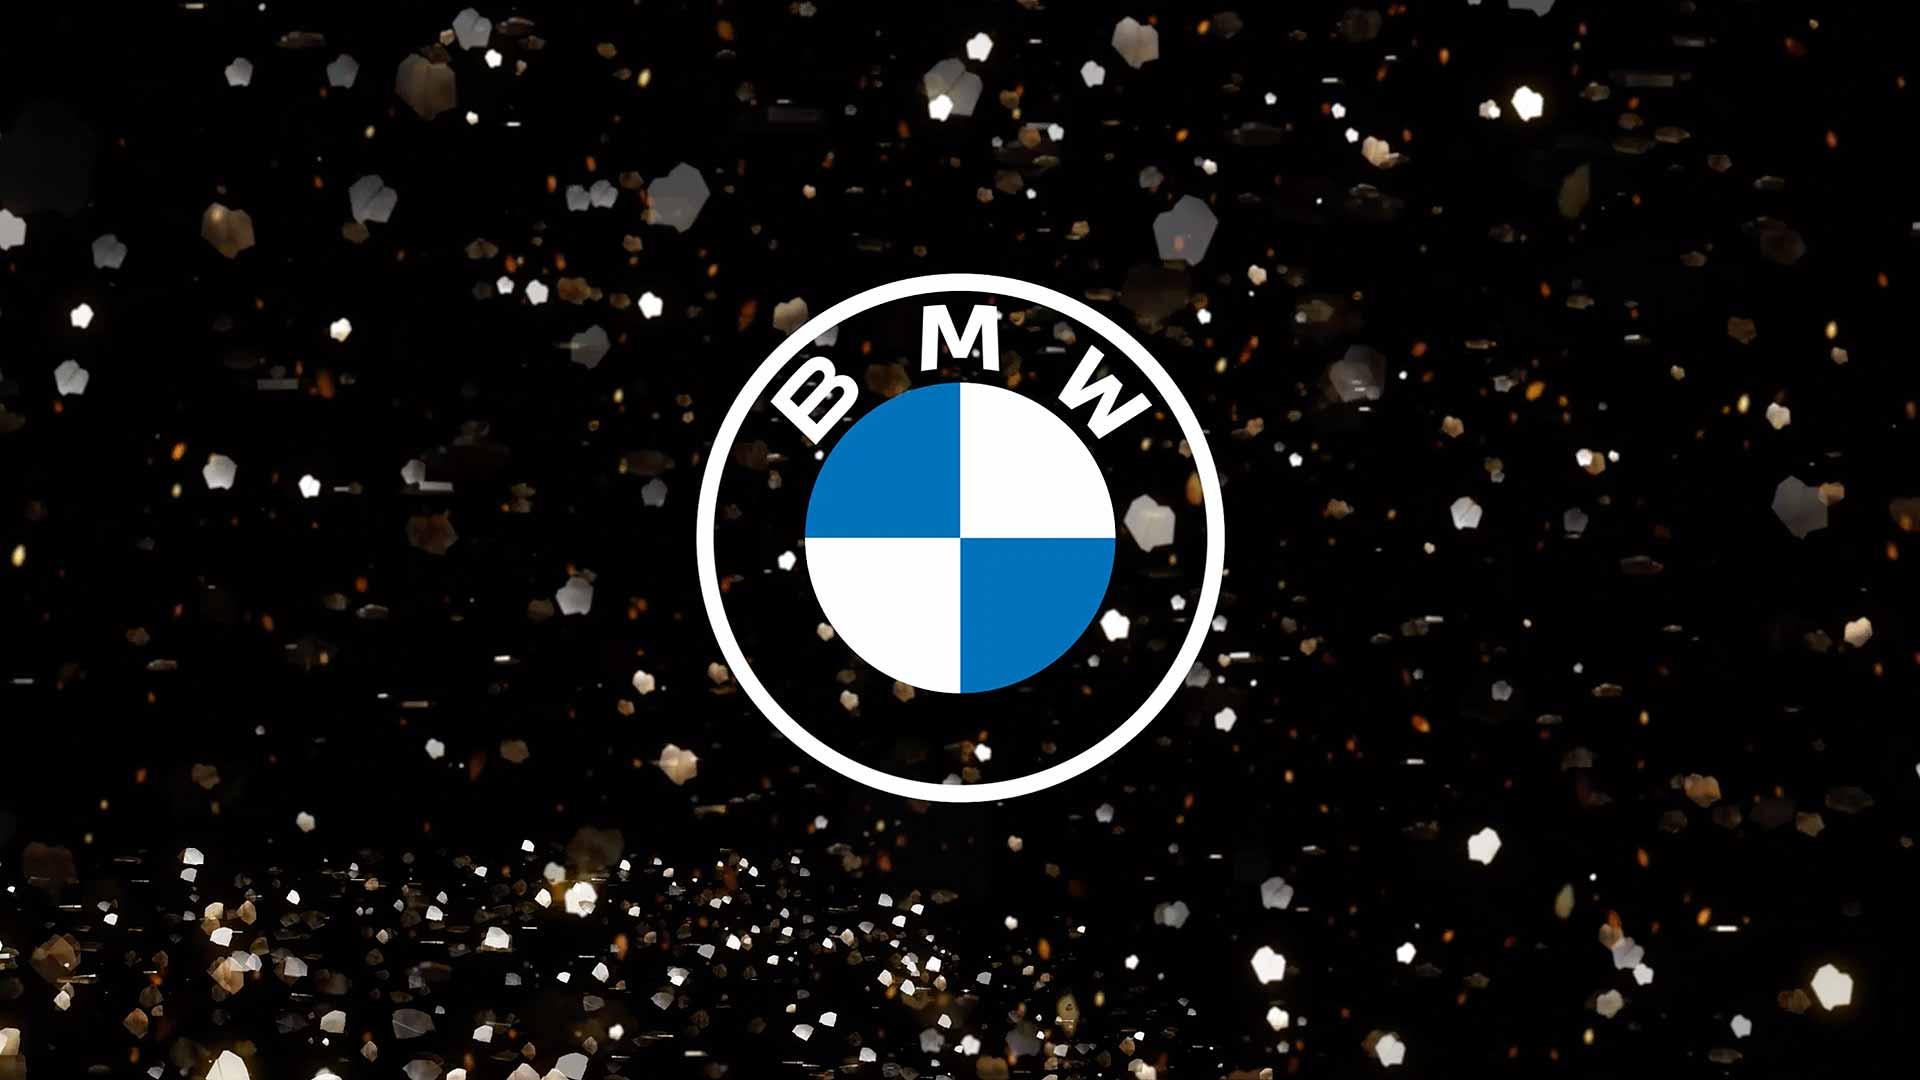 New 2D BMW logo